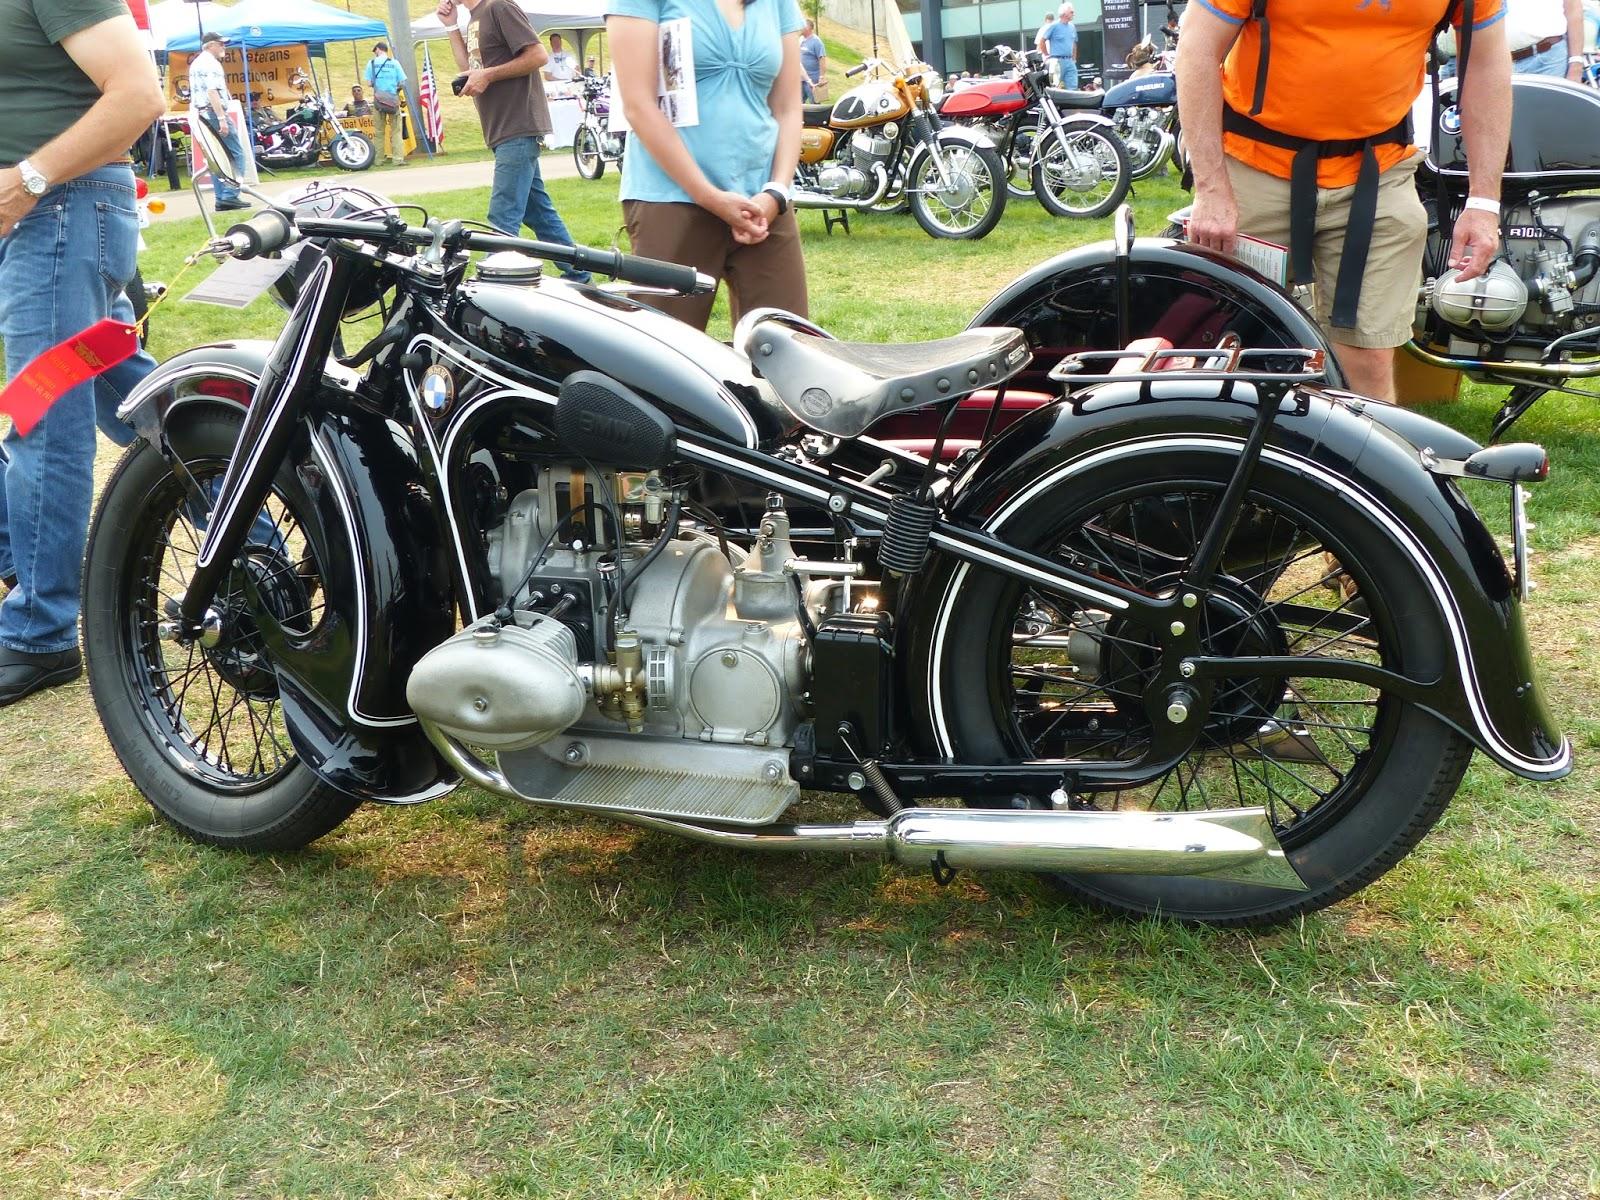 Used Harley Davidson Sidecar For Sale On Craigslist 4 ...